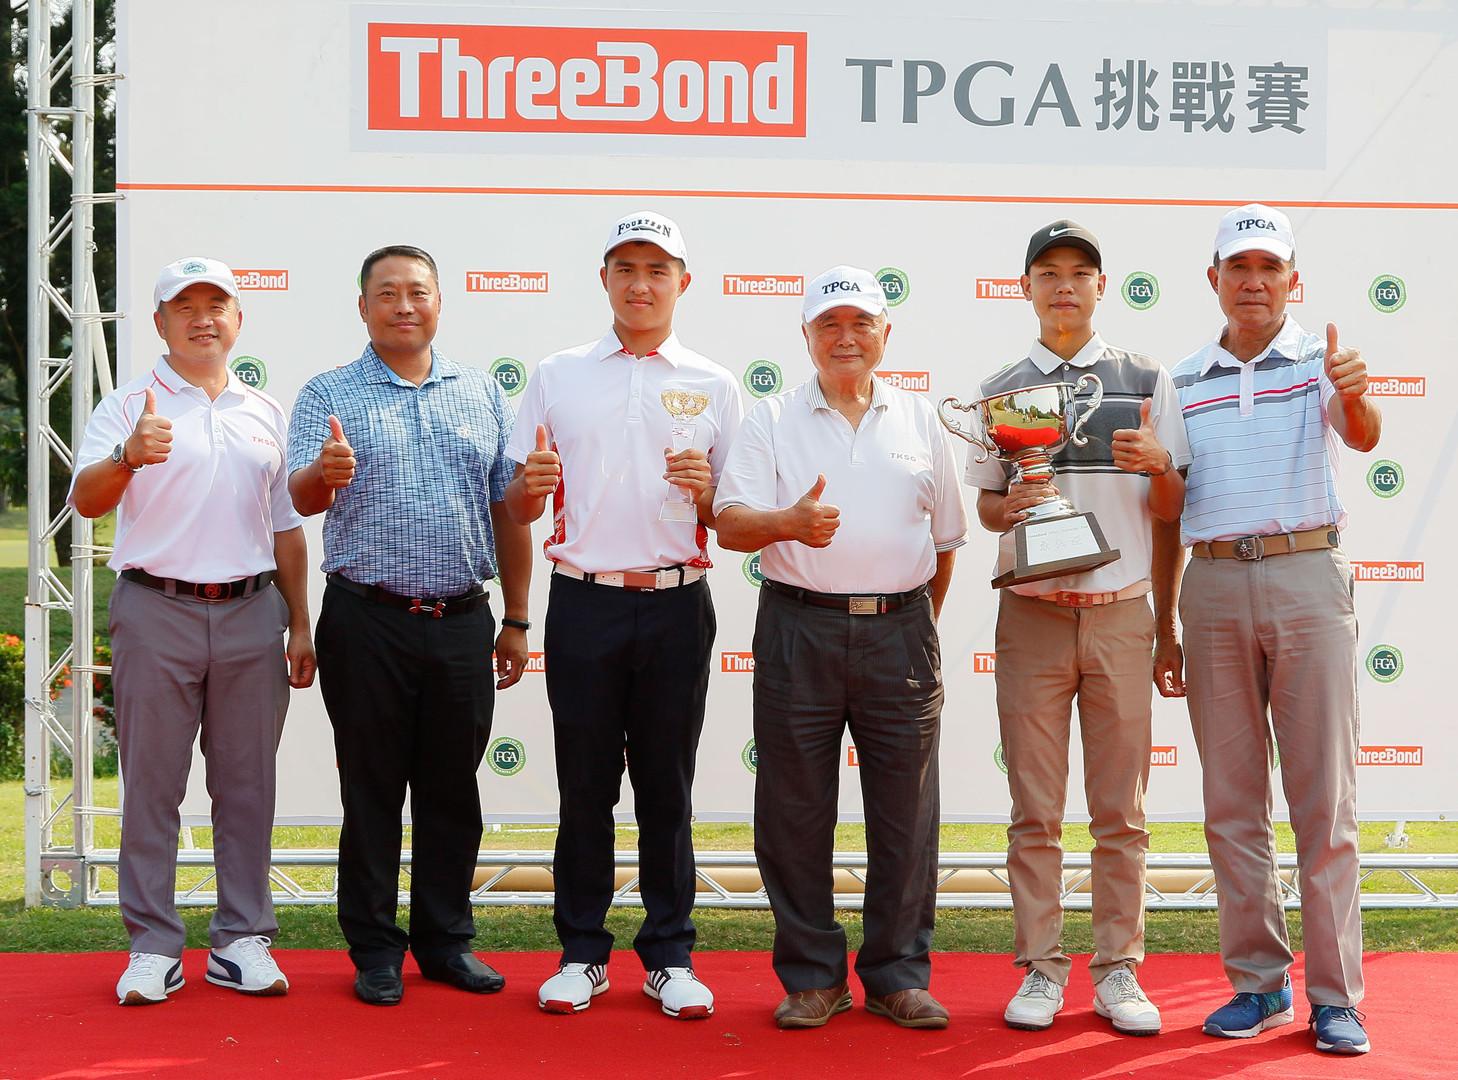 (左起)大崗山高爾夫球場總經理卓建宏、TPGA副理事長陳元車、業餘冠軍蘇晉弘、大